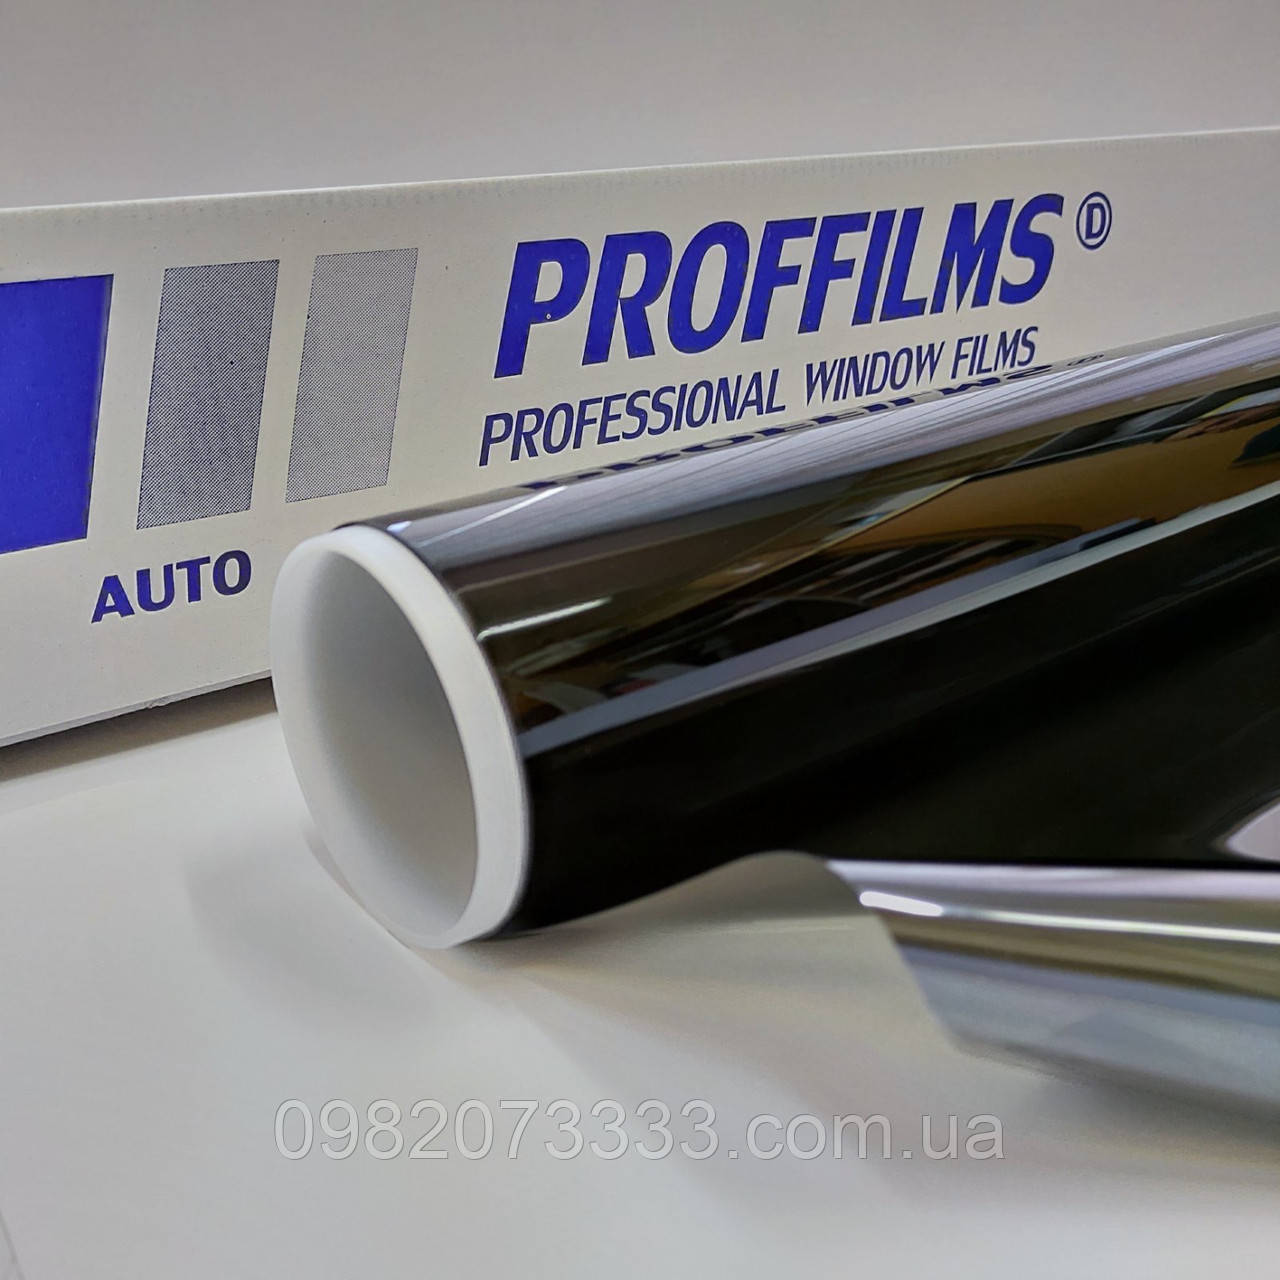 Автомобильная пленка ST CH 15% Proffilms (уголь) Плівка тонувальна для авто ширина рулона 1,524 (цена за кв.м)